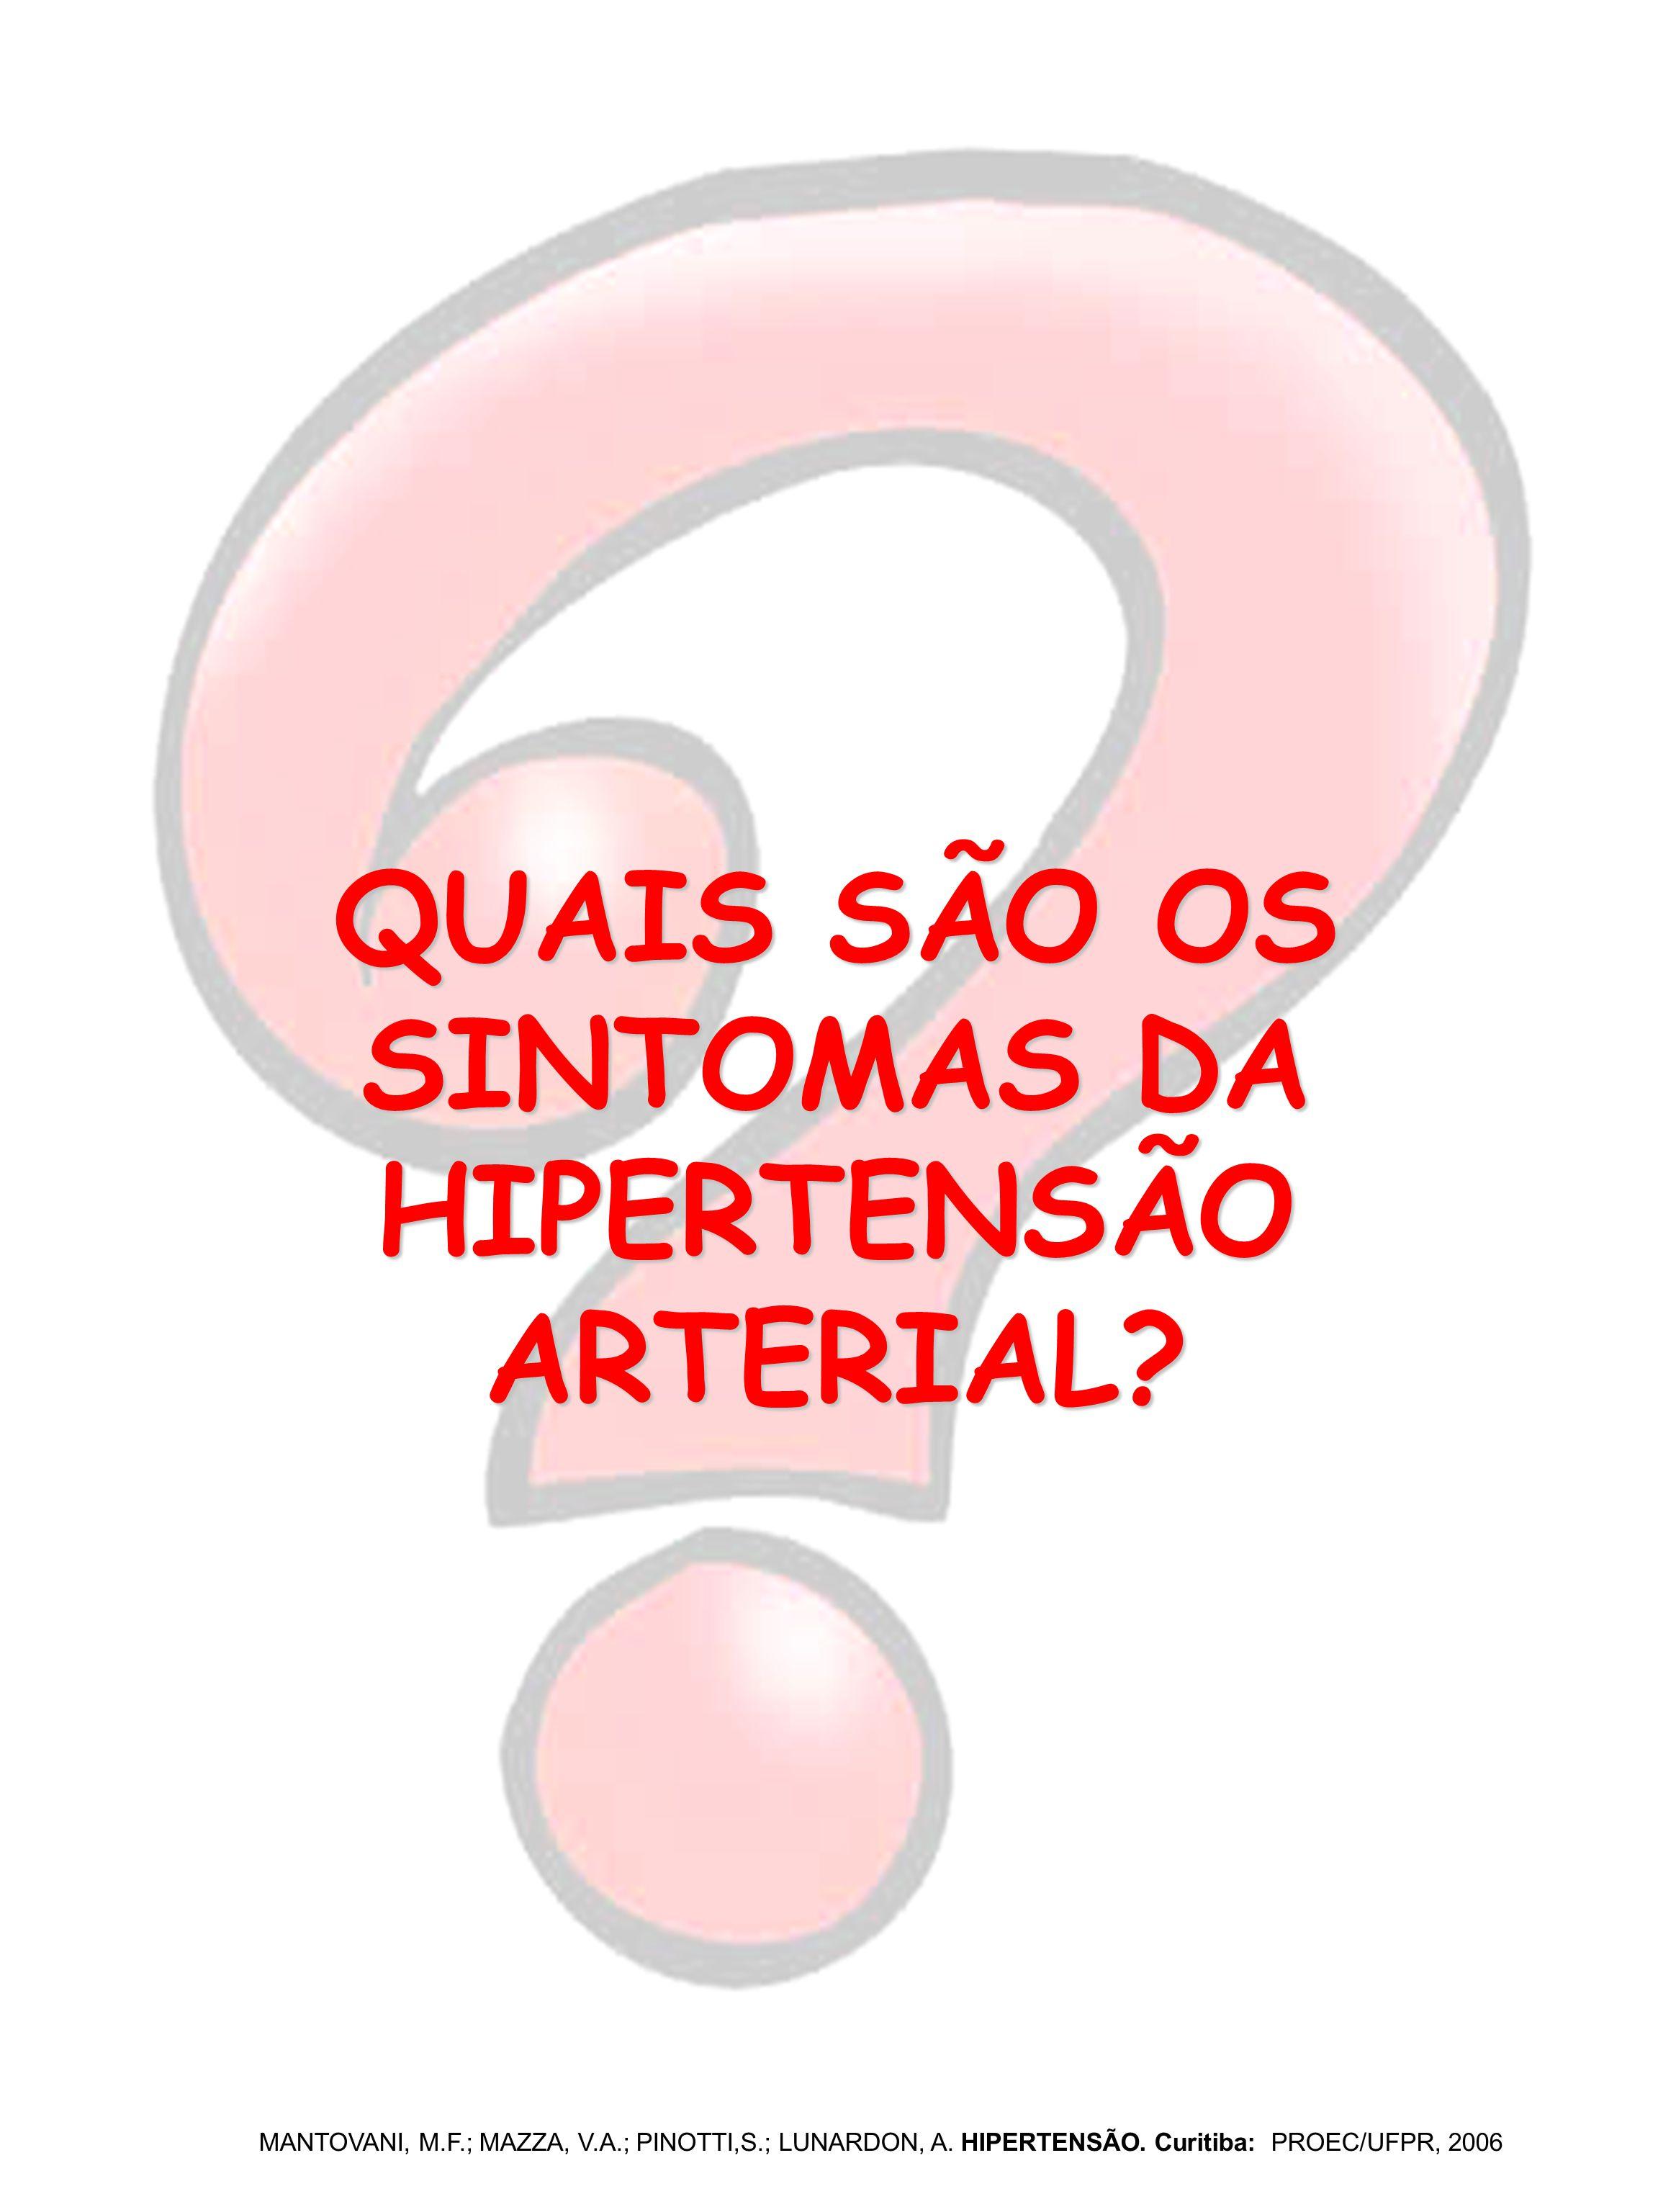 QUAIS SÃO OS SINTOMAS DA HIPERTENSÃO ARTERIAL